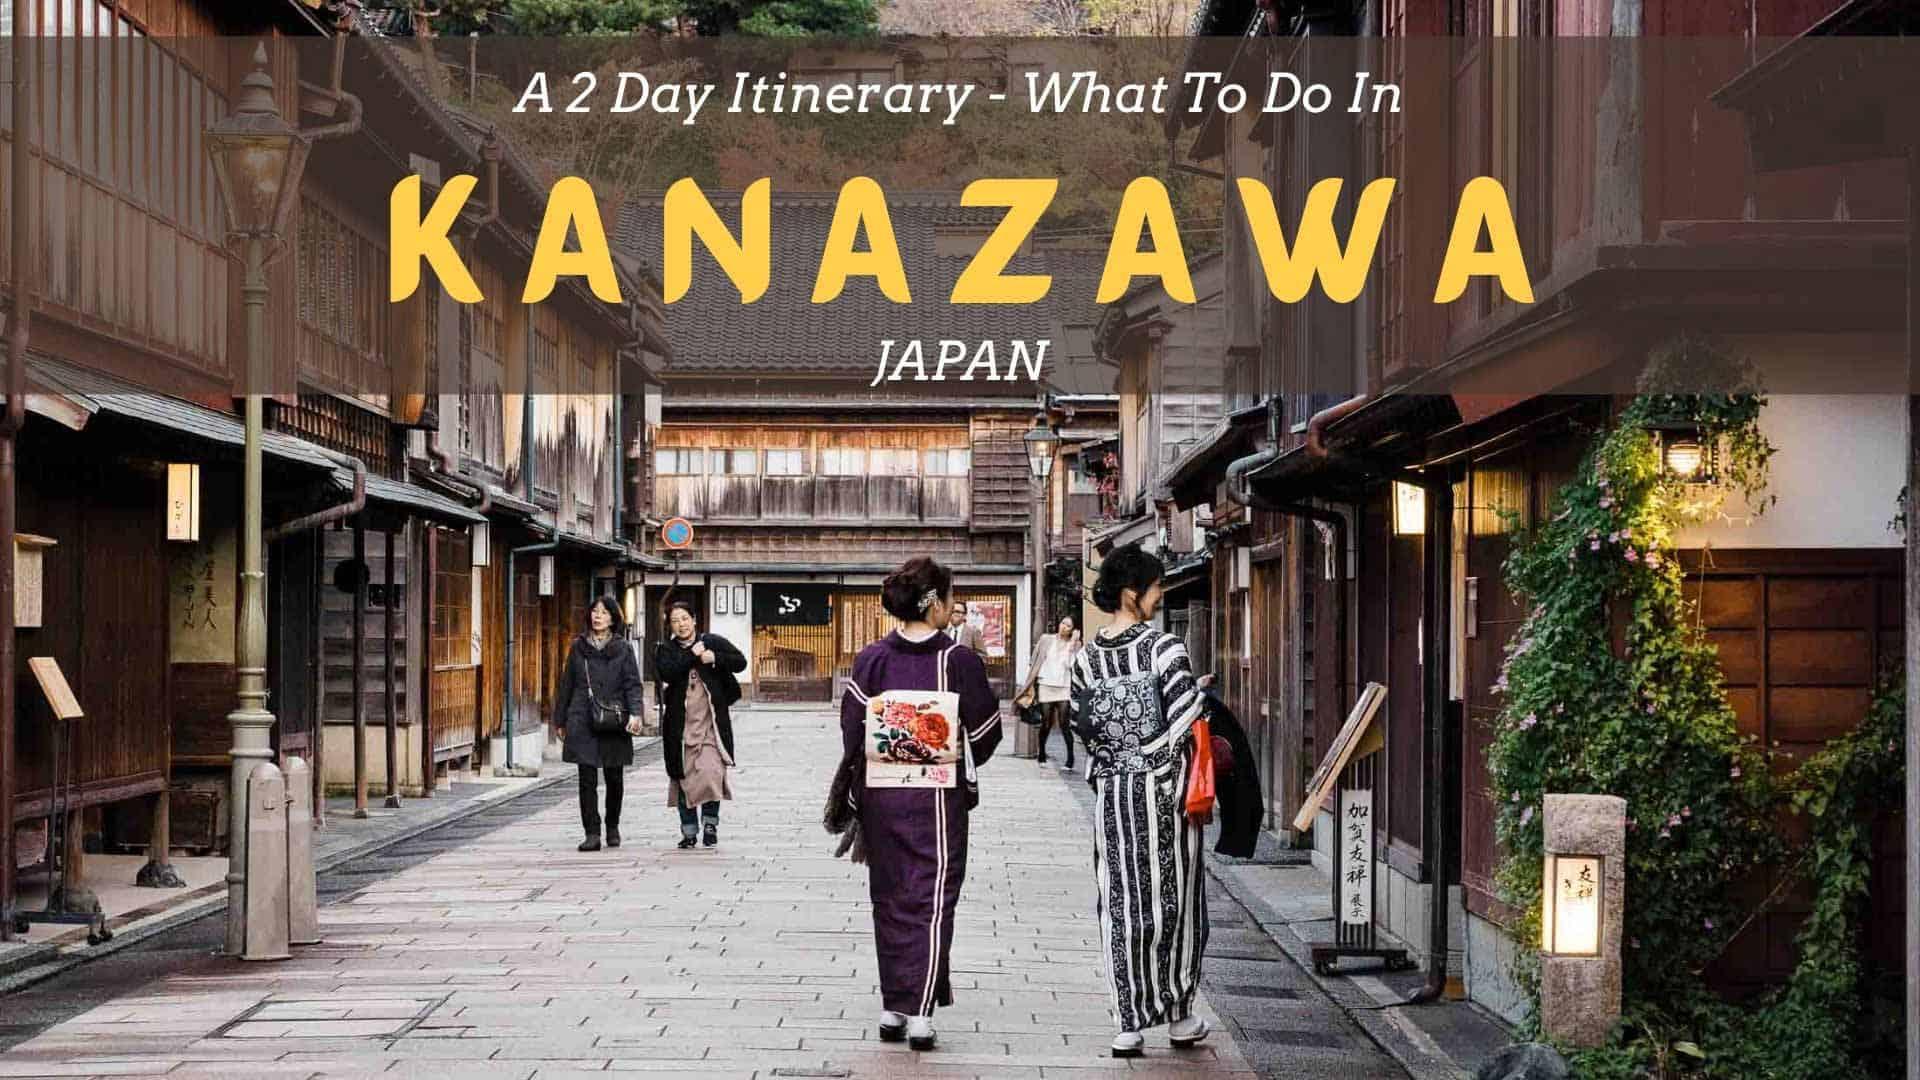 What To Do In Kanazawa Itinerary